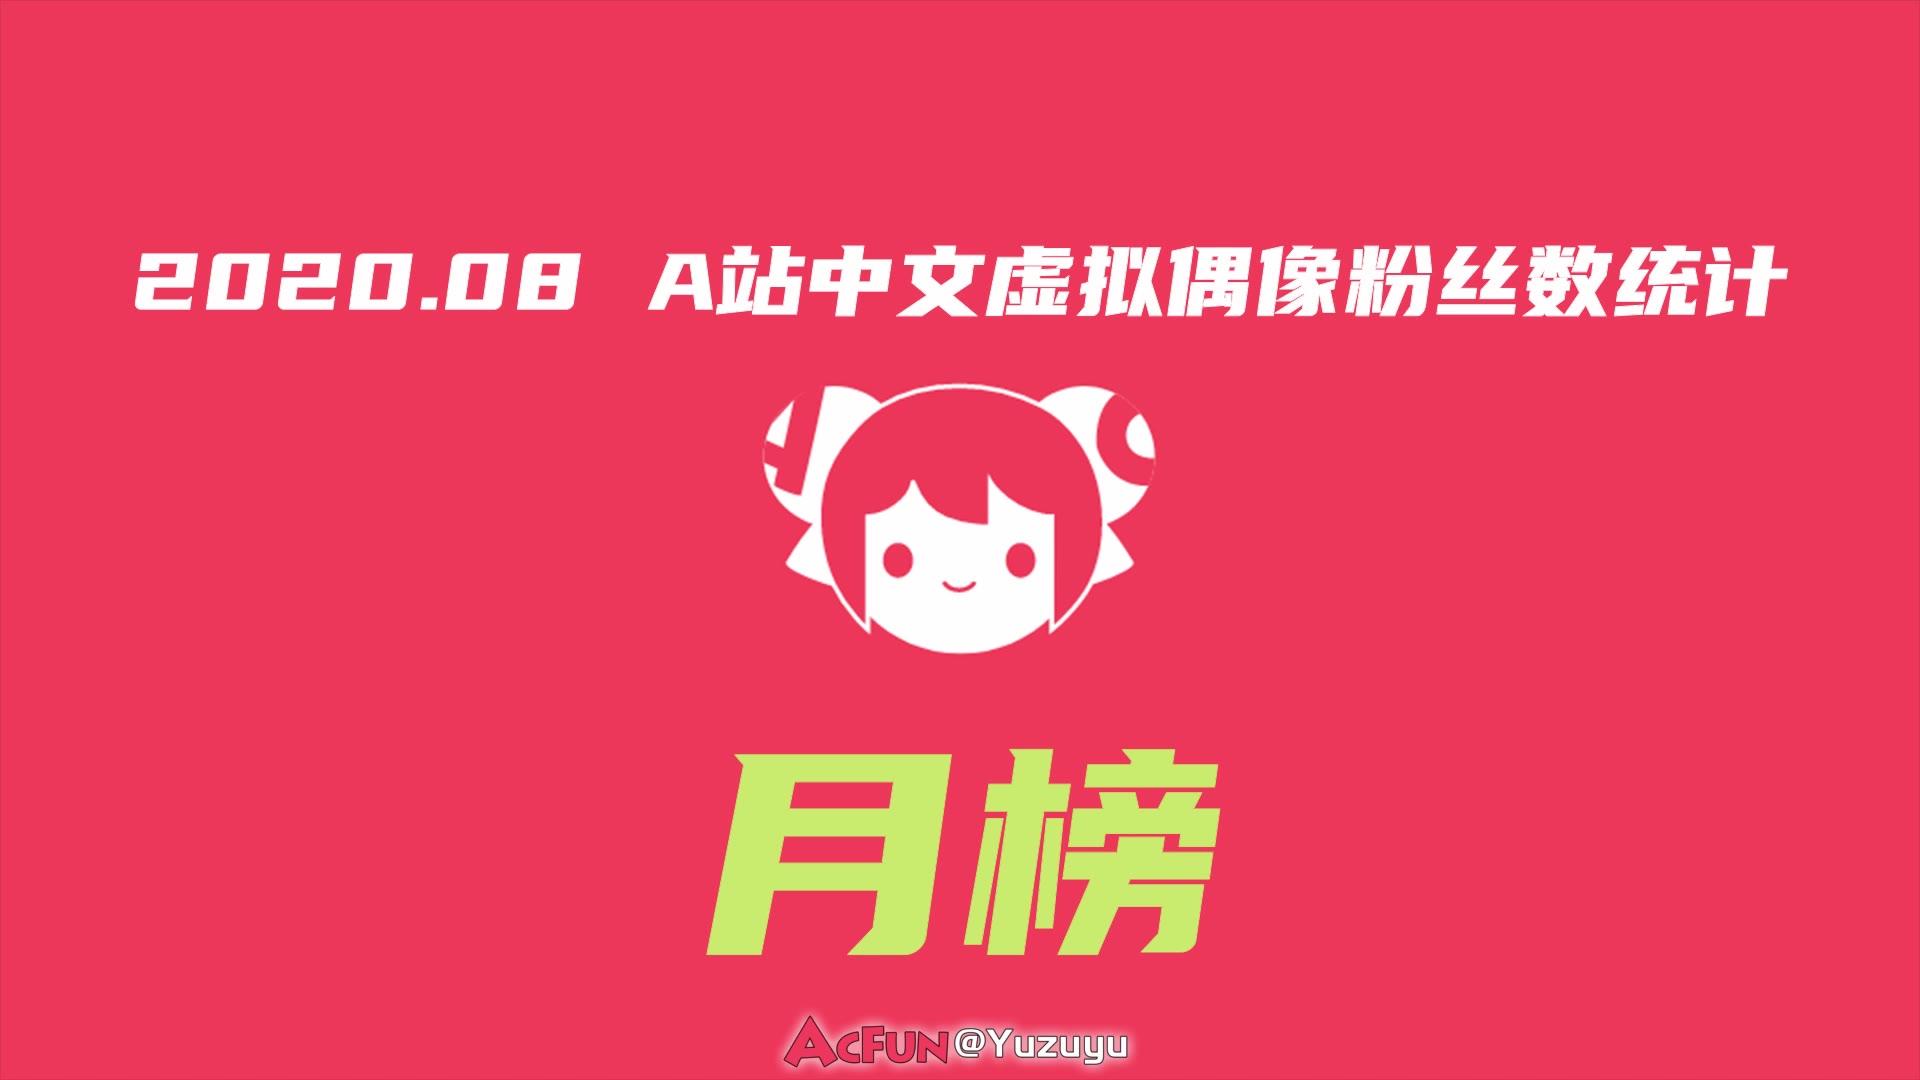 【2020年08月】A站中文虚拟偶像粉丝数排行榜